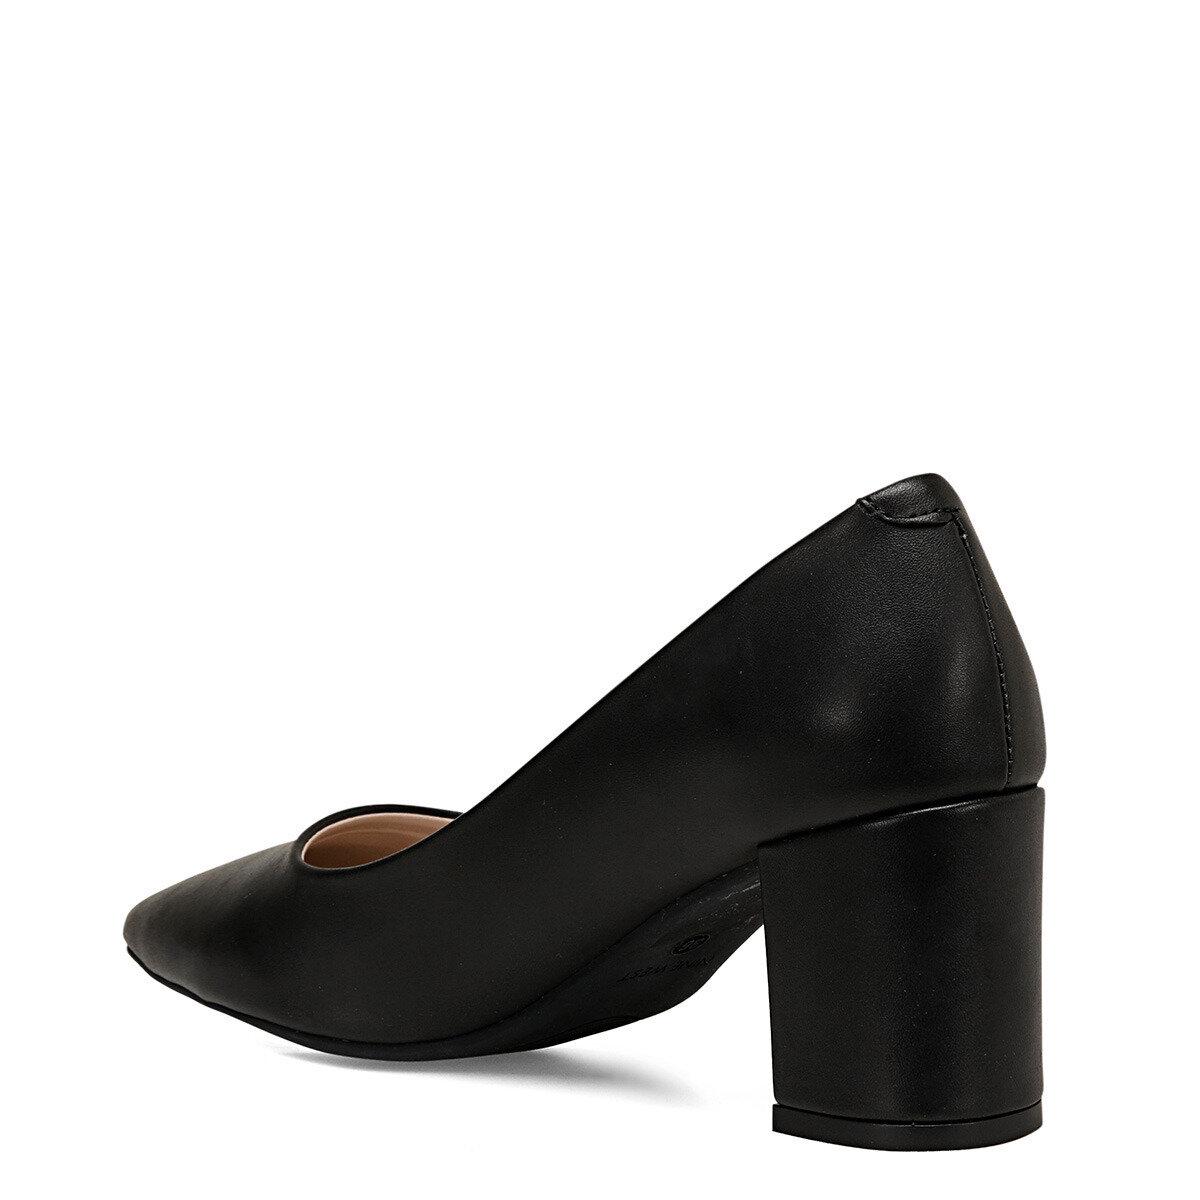 LEZIO Siyah Kadın Topuklu Ayakkabı